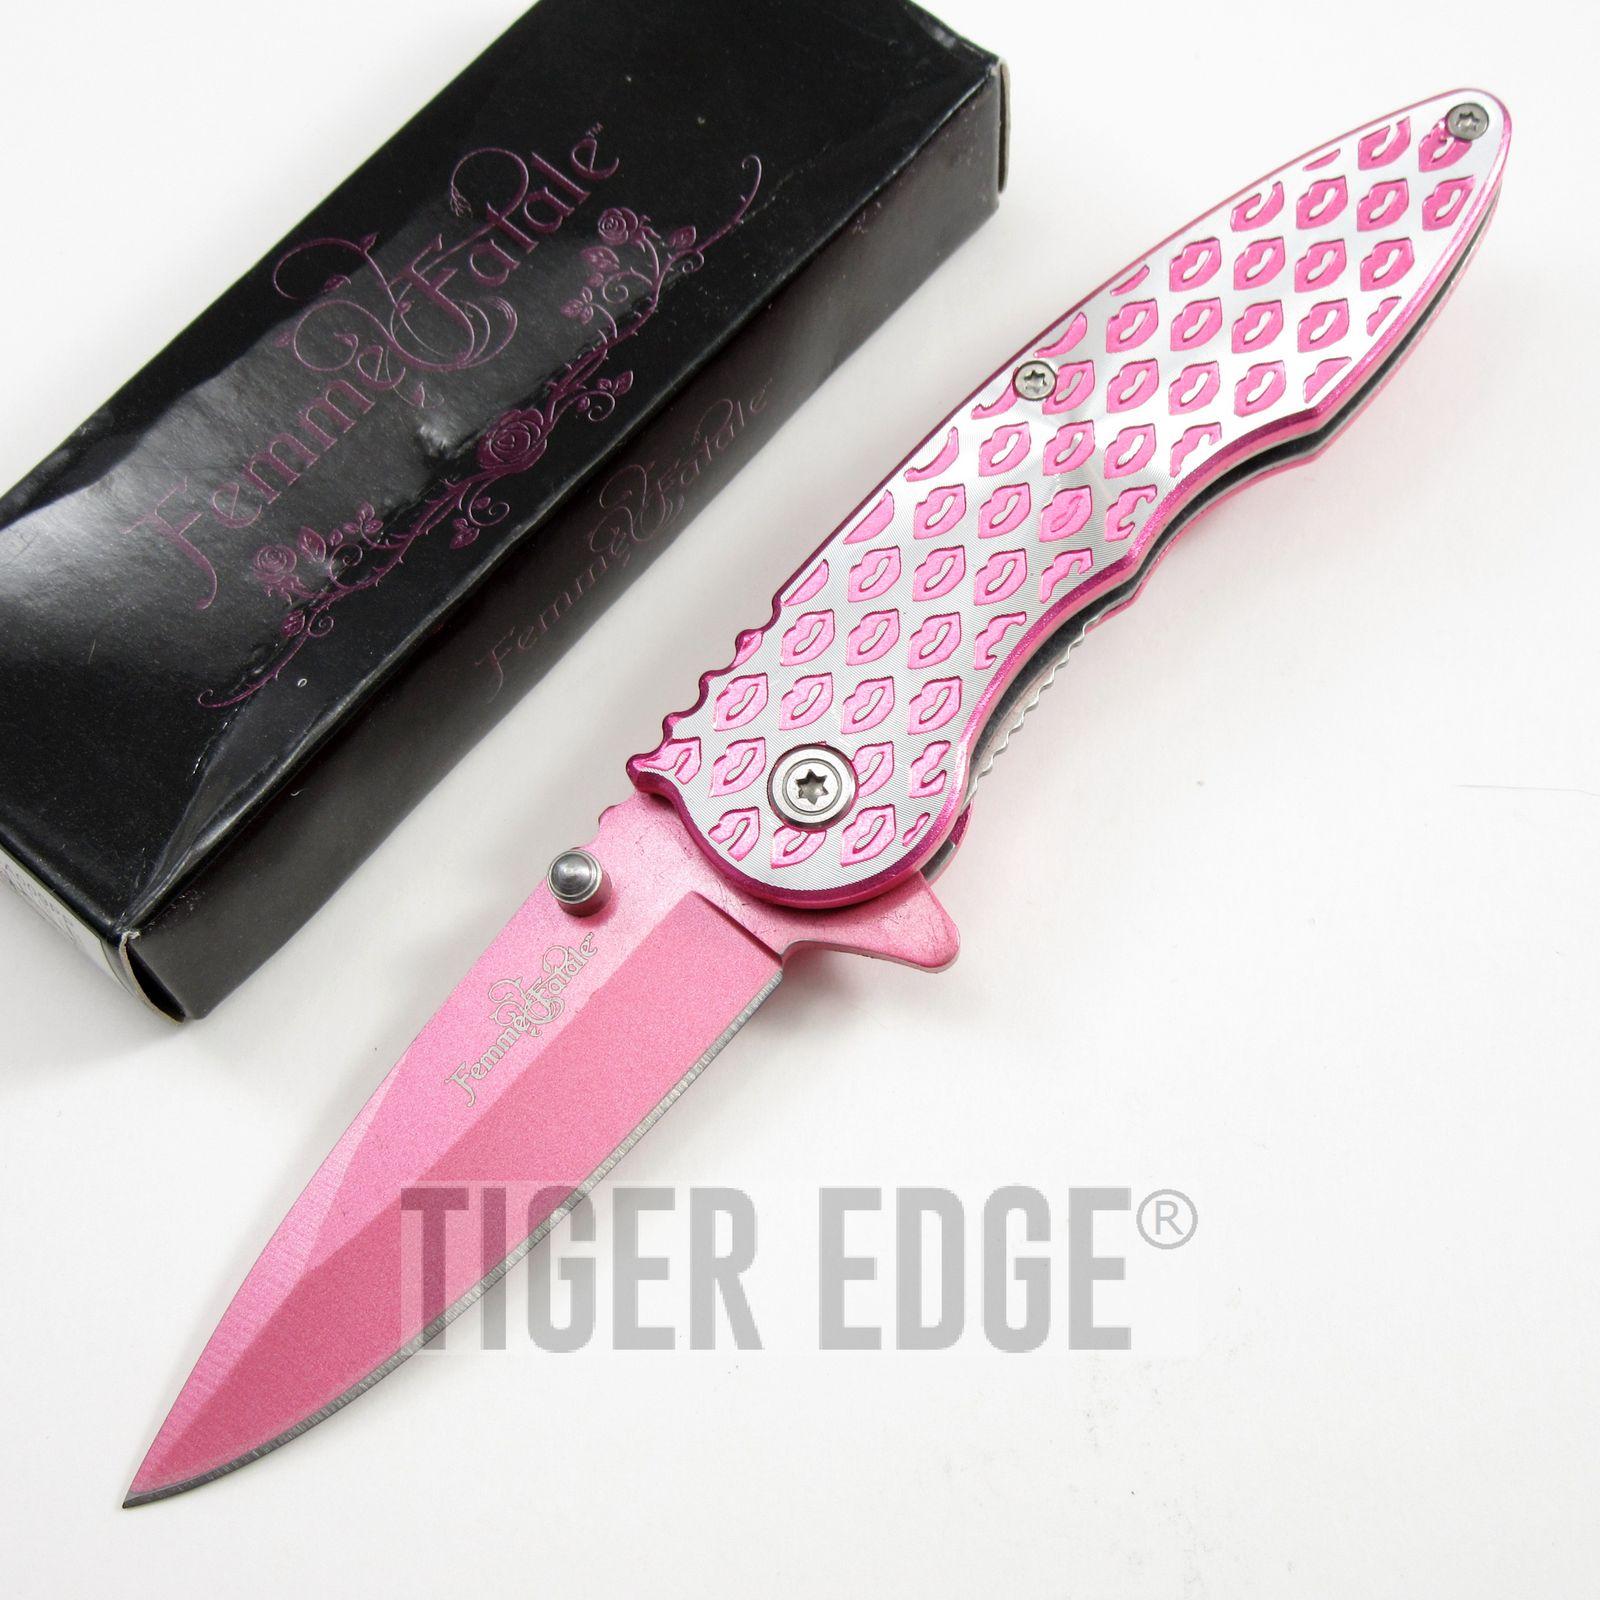 spring assist folding pocket knife femme fatale pink lip girl image is loading spring assist folding pocket knife femme fatale pink